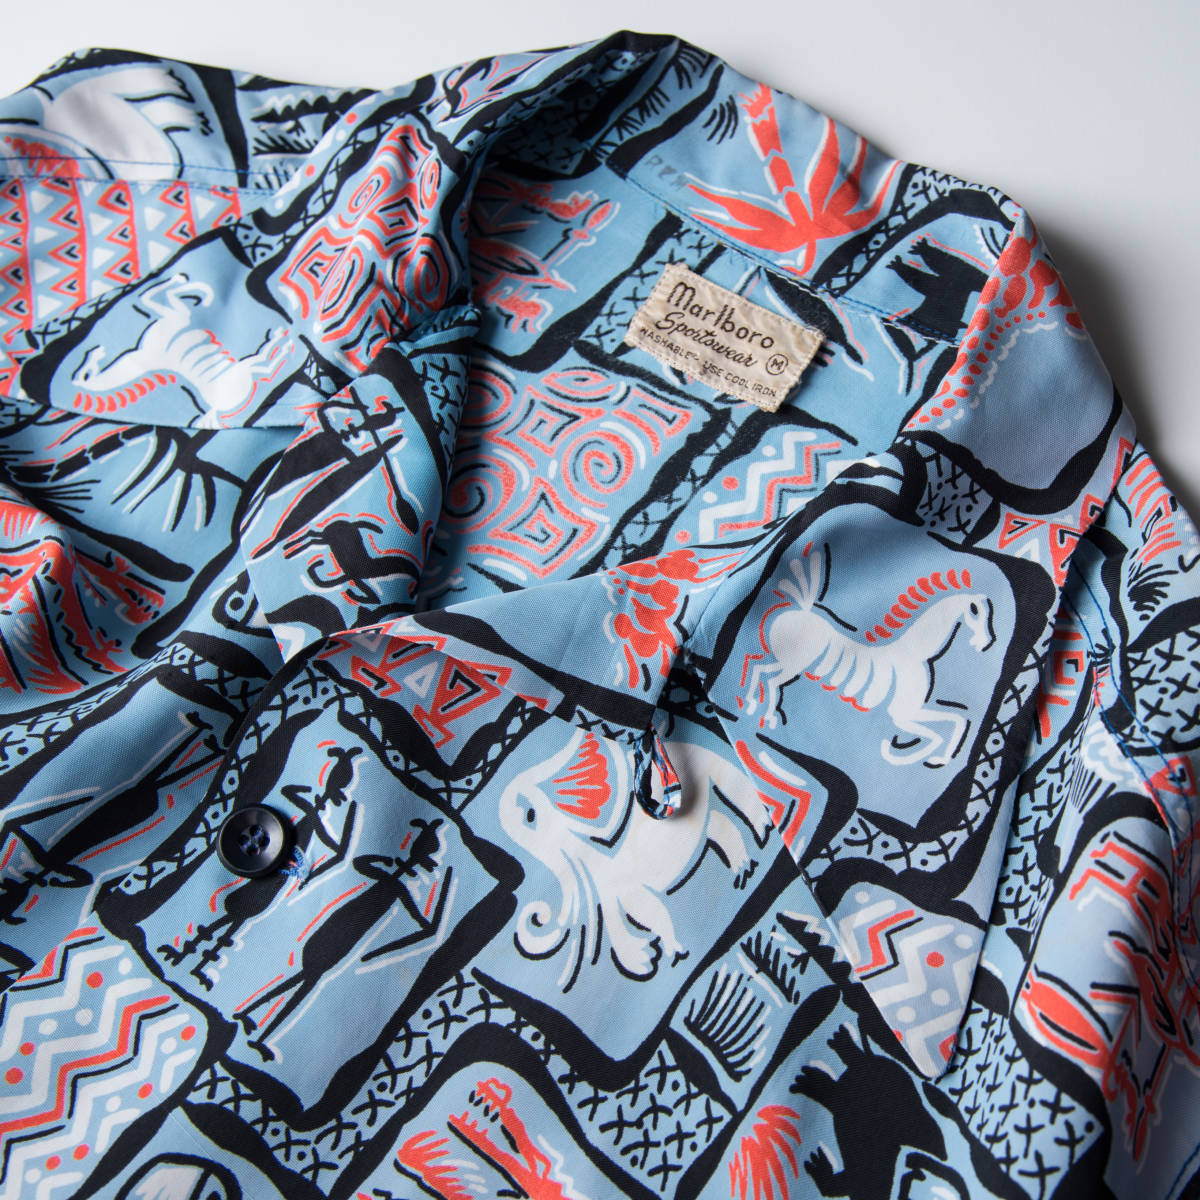 柄良し 50s Marlboro アニマル柄 レーヨン ハワイアン シャツ / ビンテージ アロハシャツ パネル 半袖 総柄 柄 シャツ ロカビリー 40s_画像6